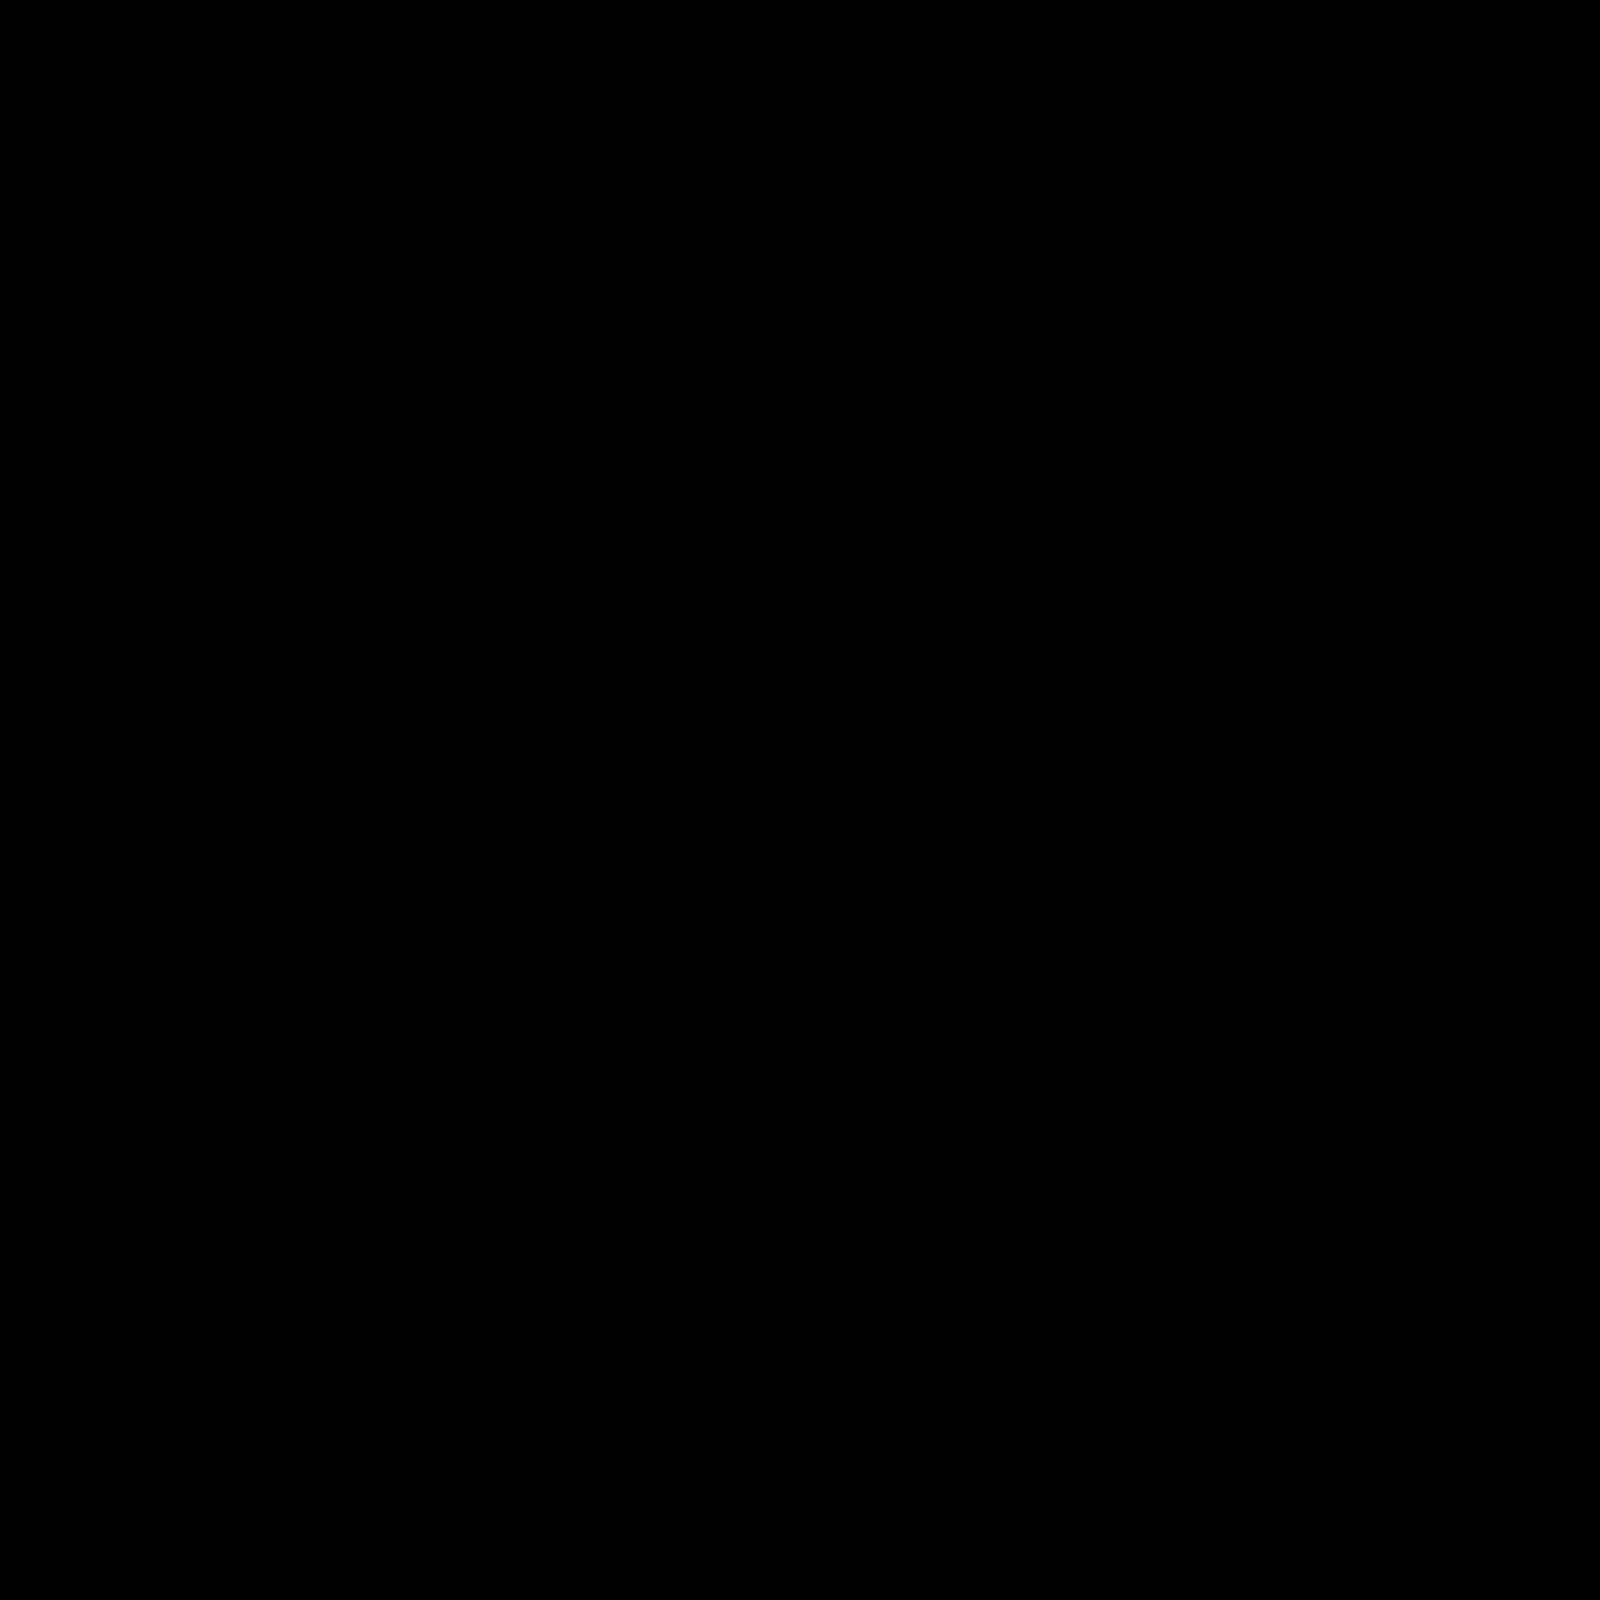 広告 icon. This is a megaphone. There is a handle on the megaphone on the left hand side and a large cone or funnel shape on the right hand side. There is a small half circle protruding from the flat part of the cone of the megaphone.